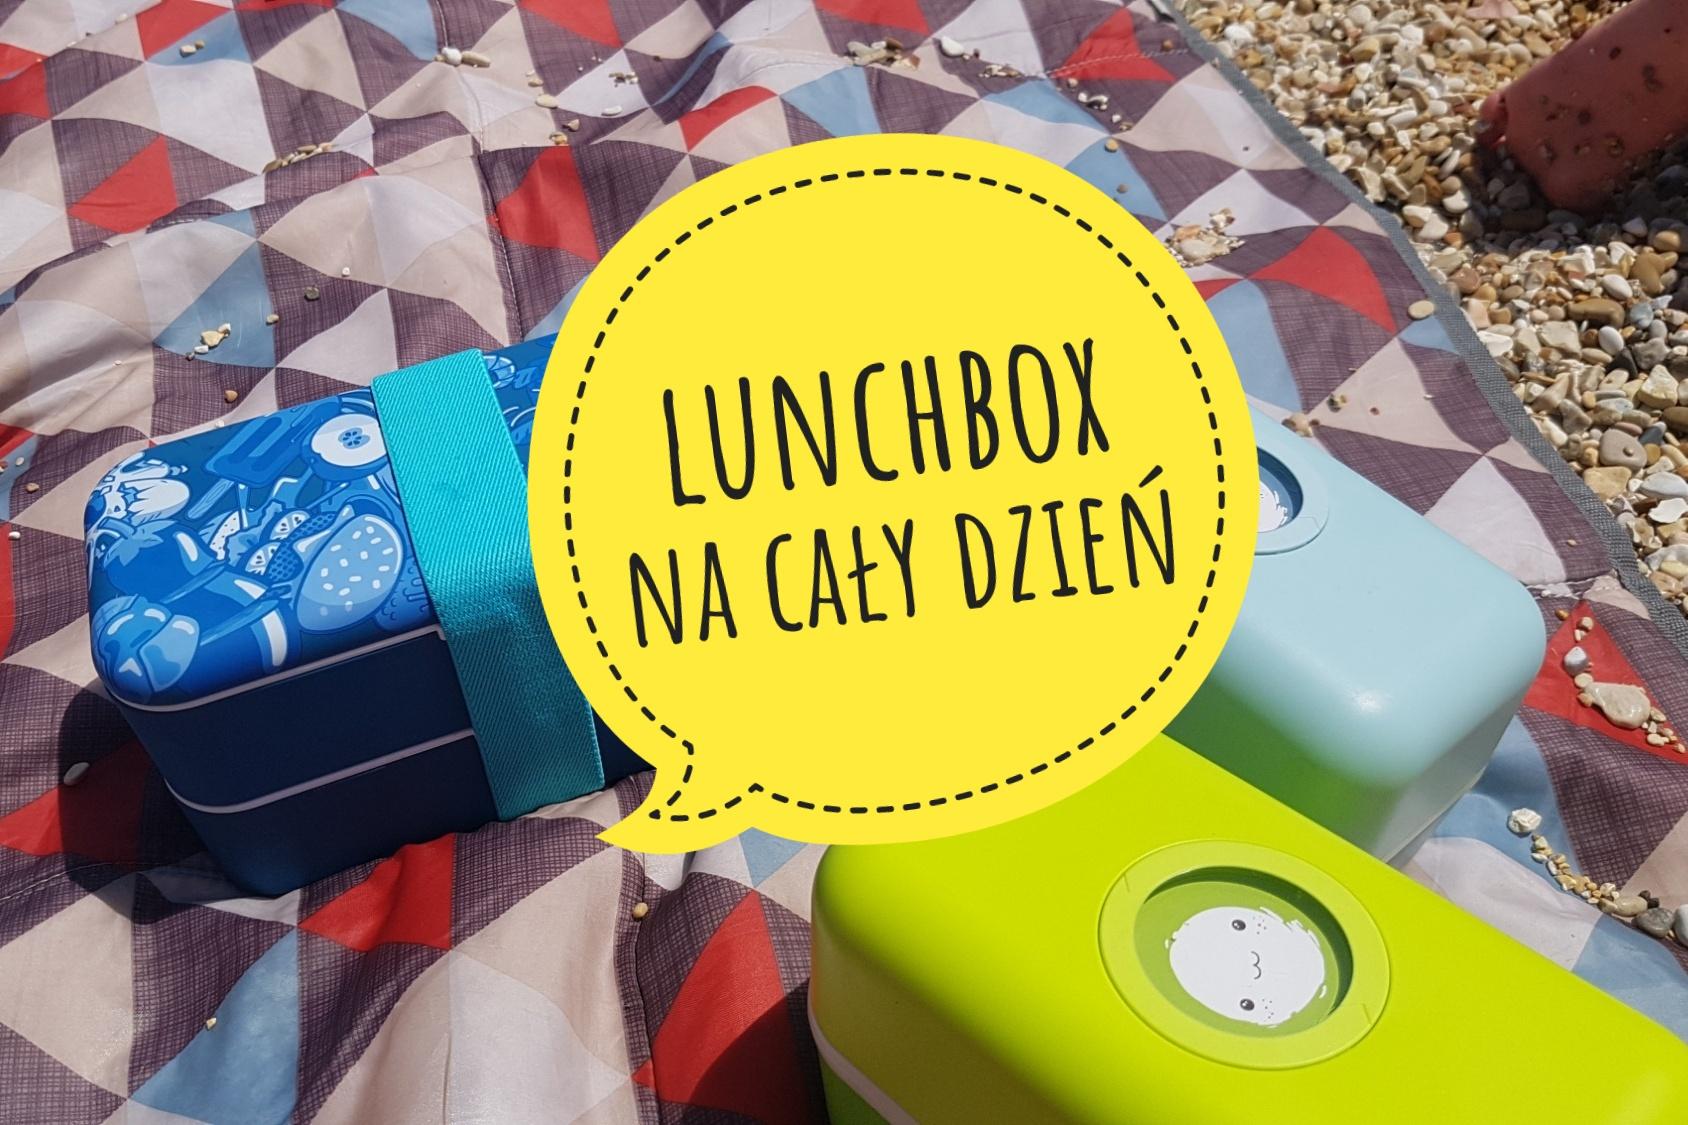 Lunchbox na cały tydzień